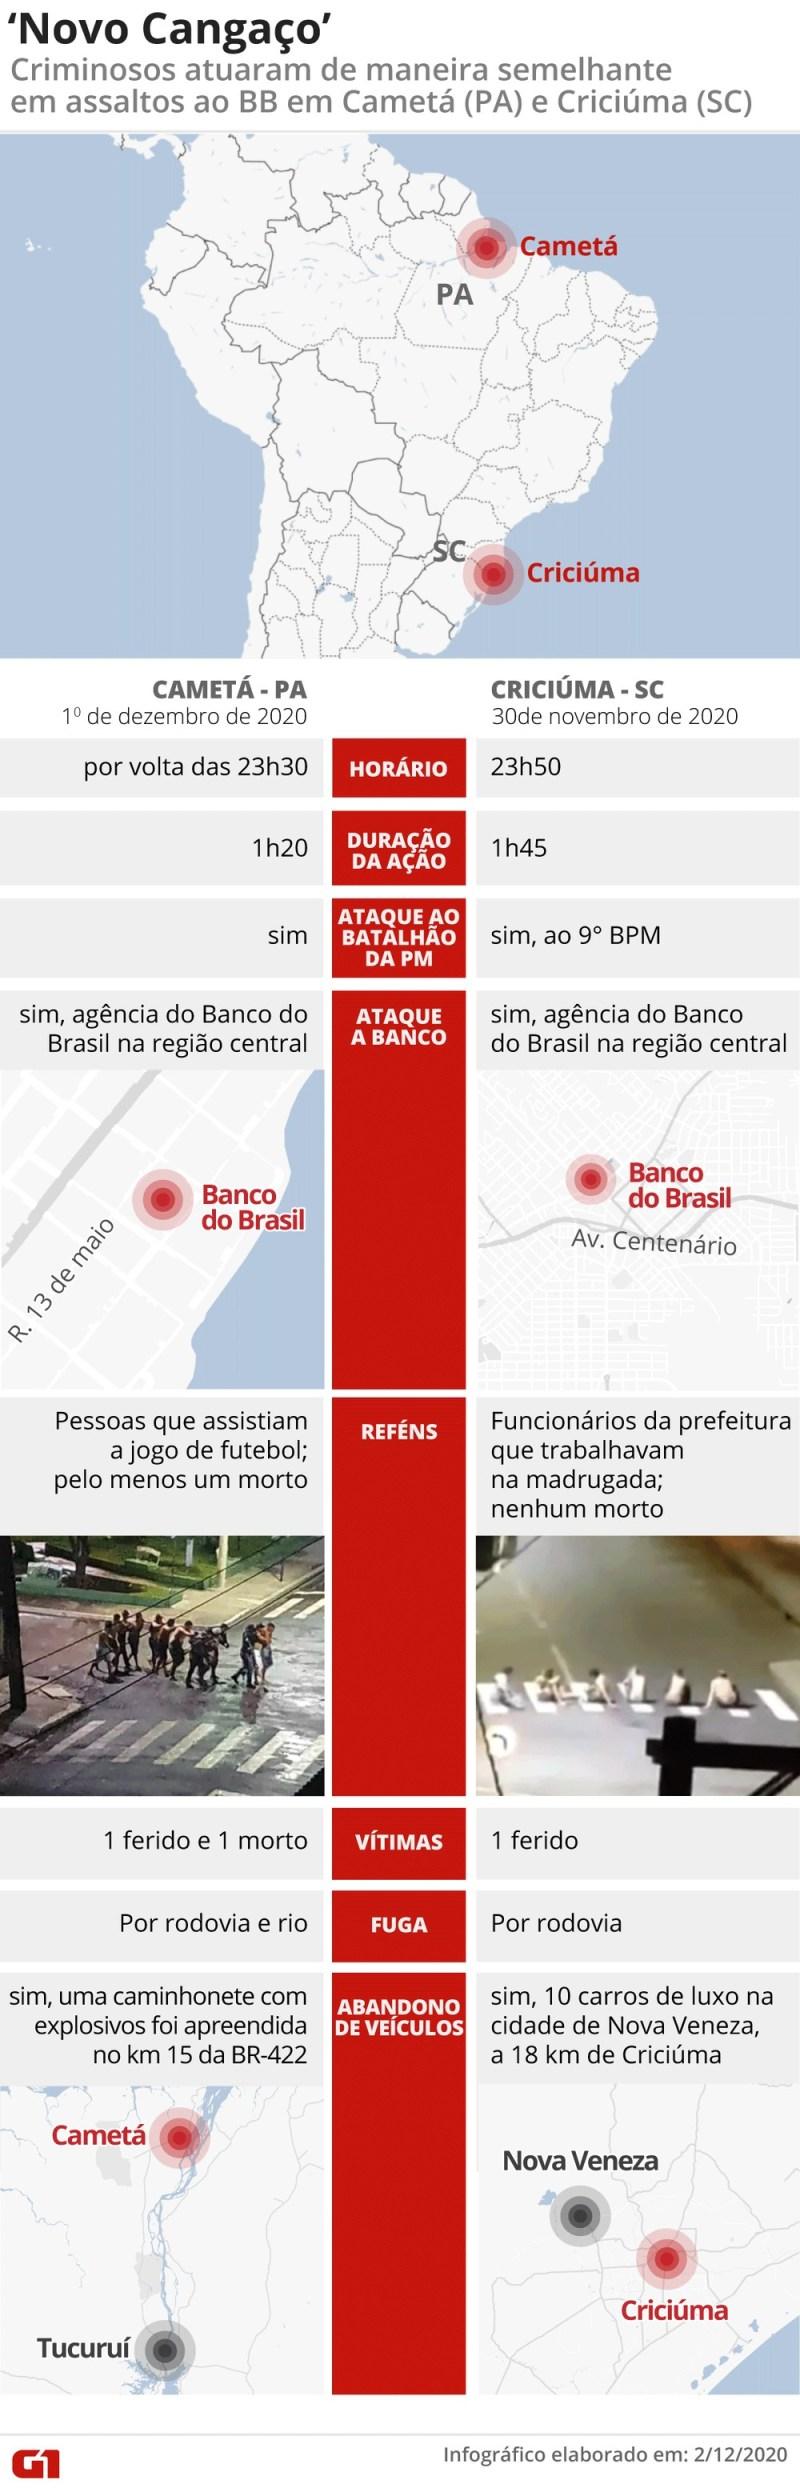 Infográfico compara os assaltos em Cametá (PA) e Criciúma (PR) — Foto: Fernanda Garrafiel/G1